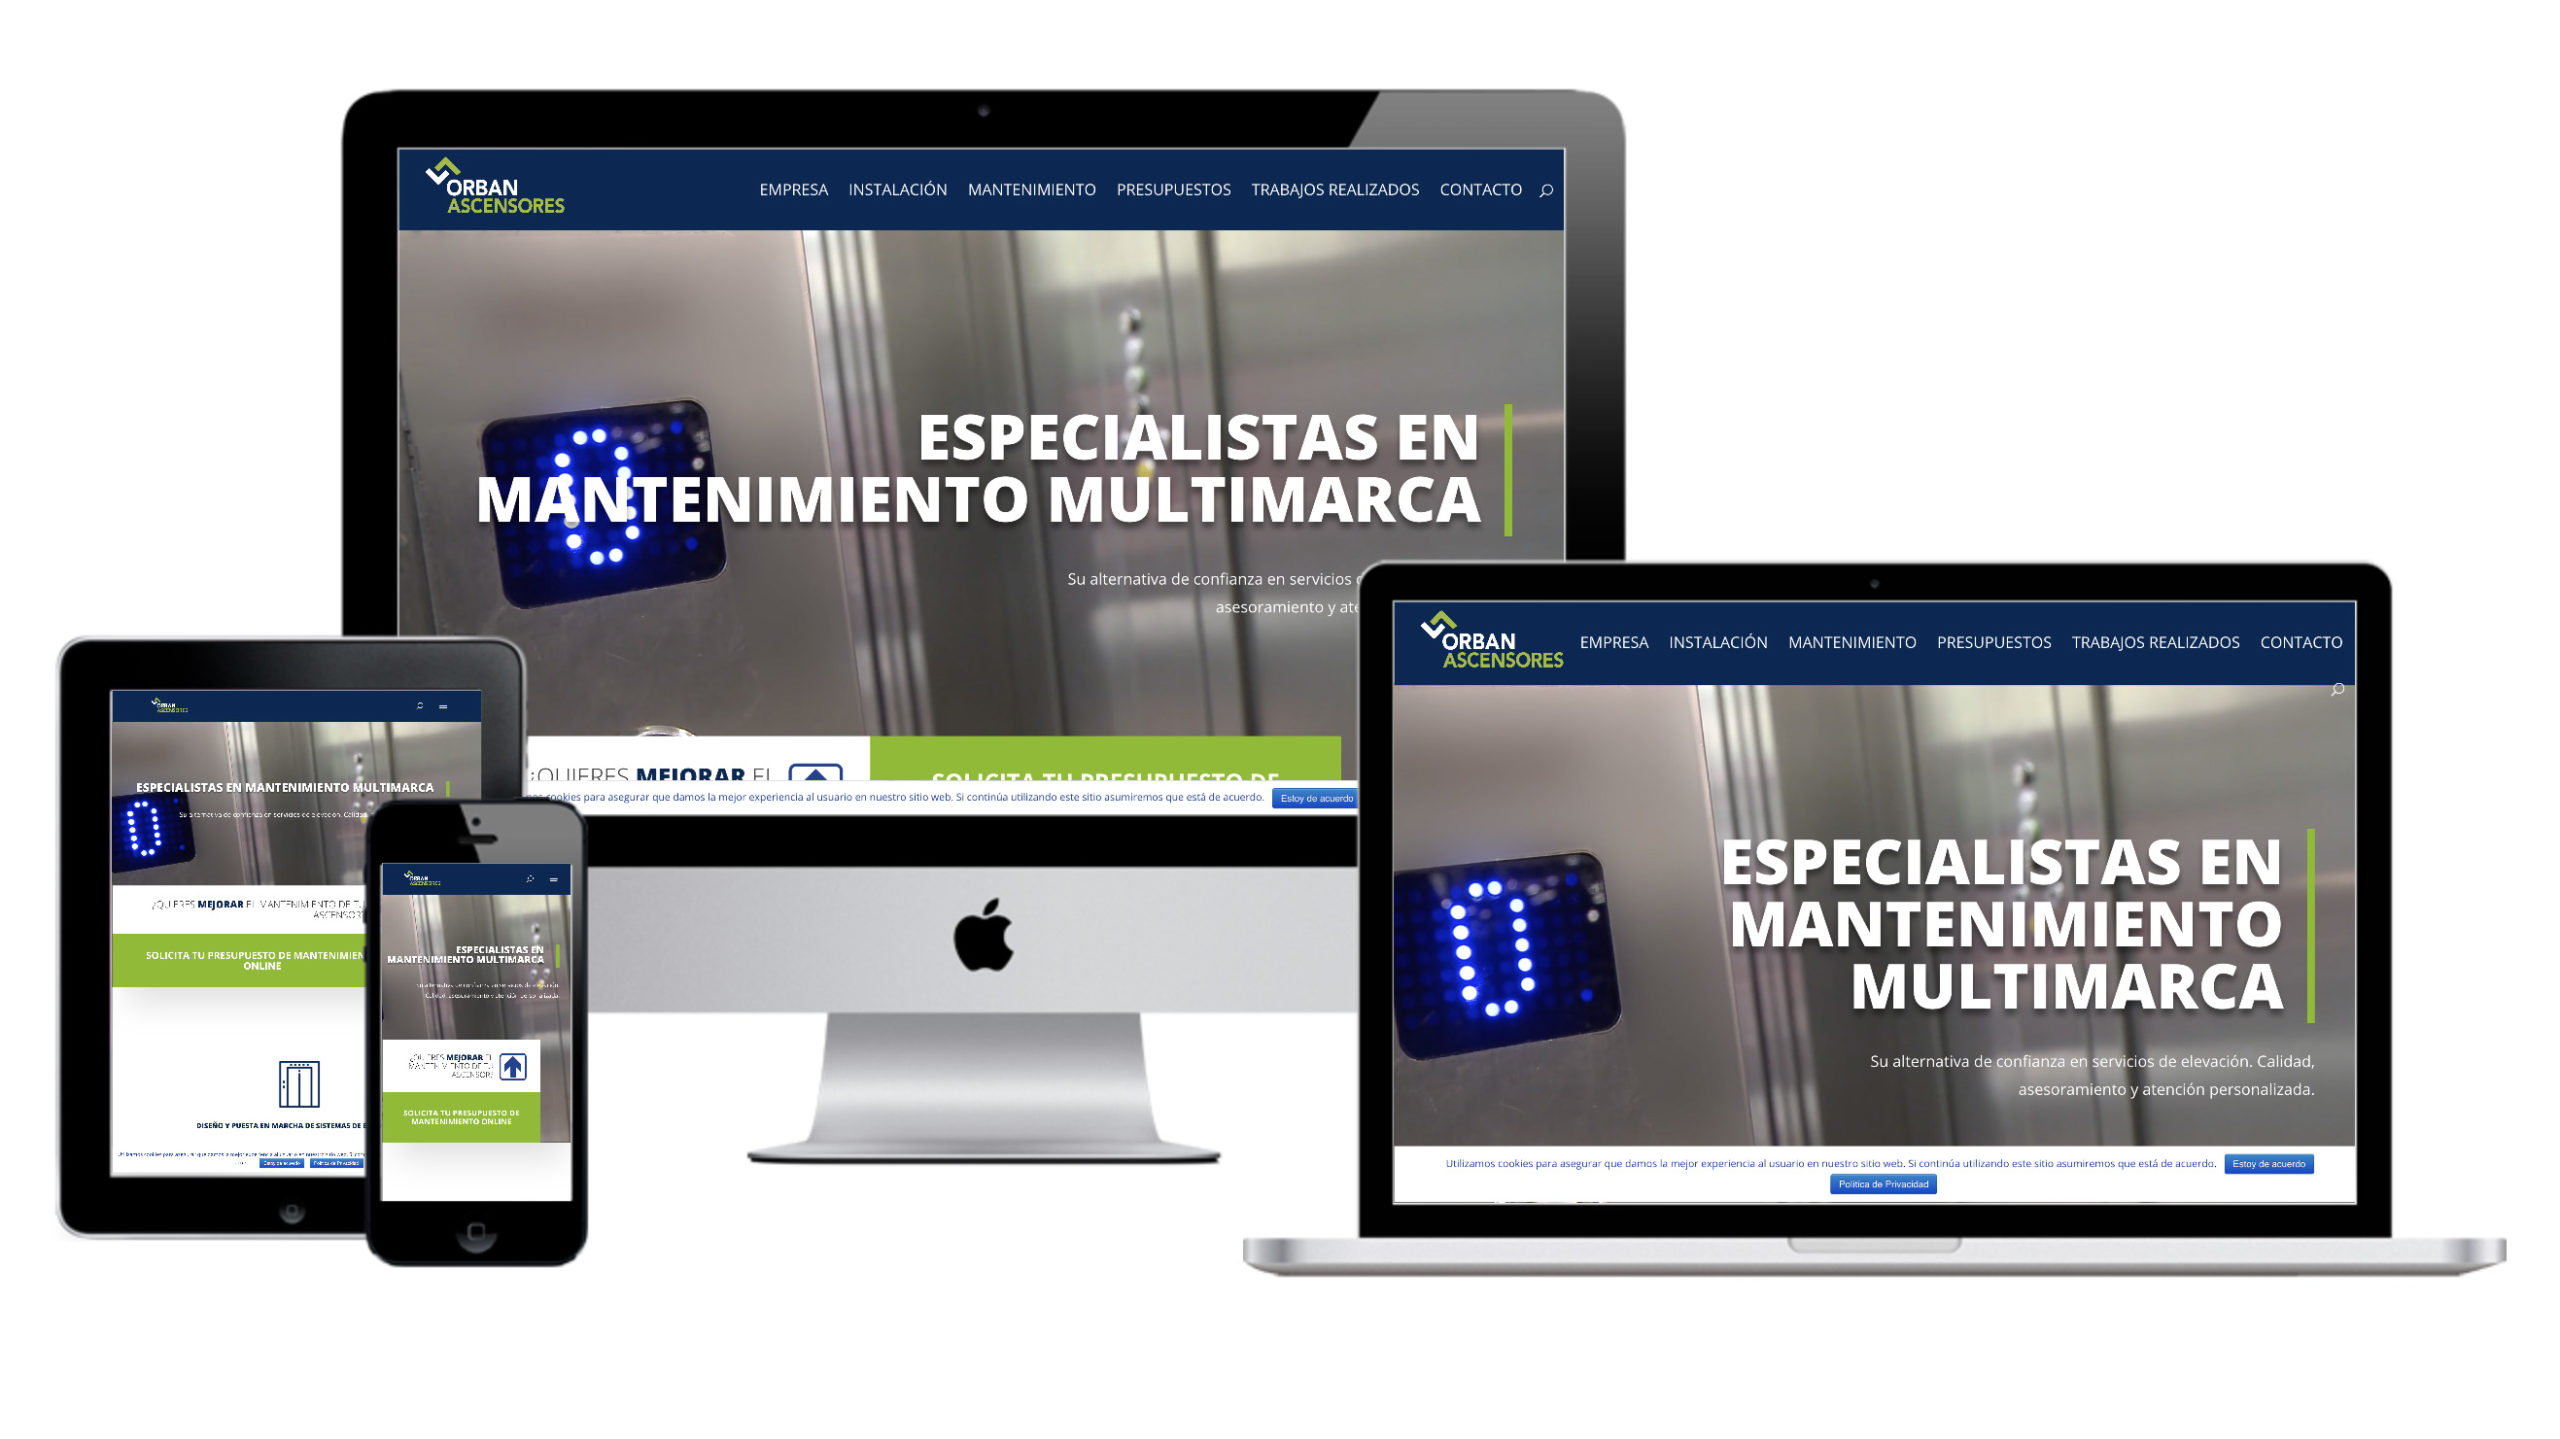 motiva-agencia-comunicacion_online-web_bizkaia-ascensores